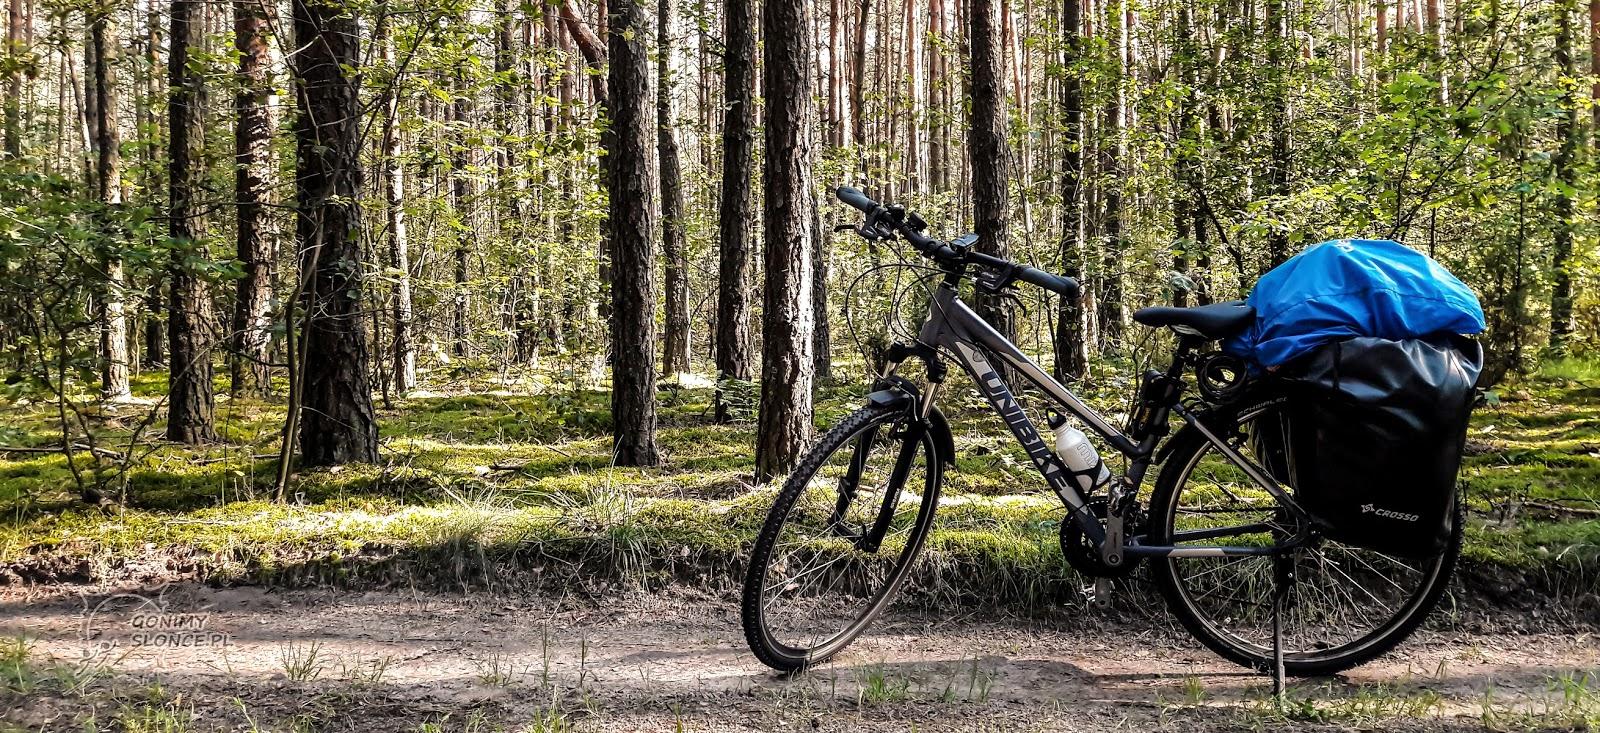 Rower z sakwami podczas wyprawy rowerowej